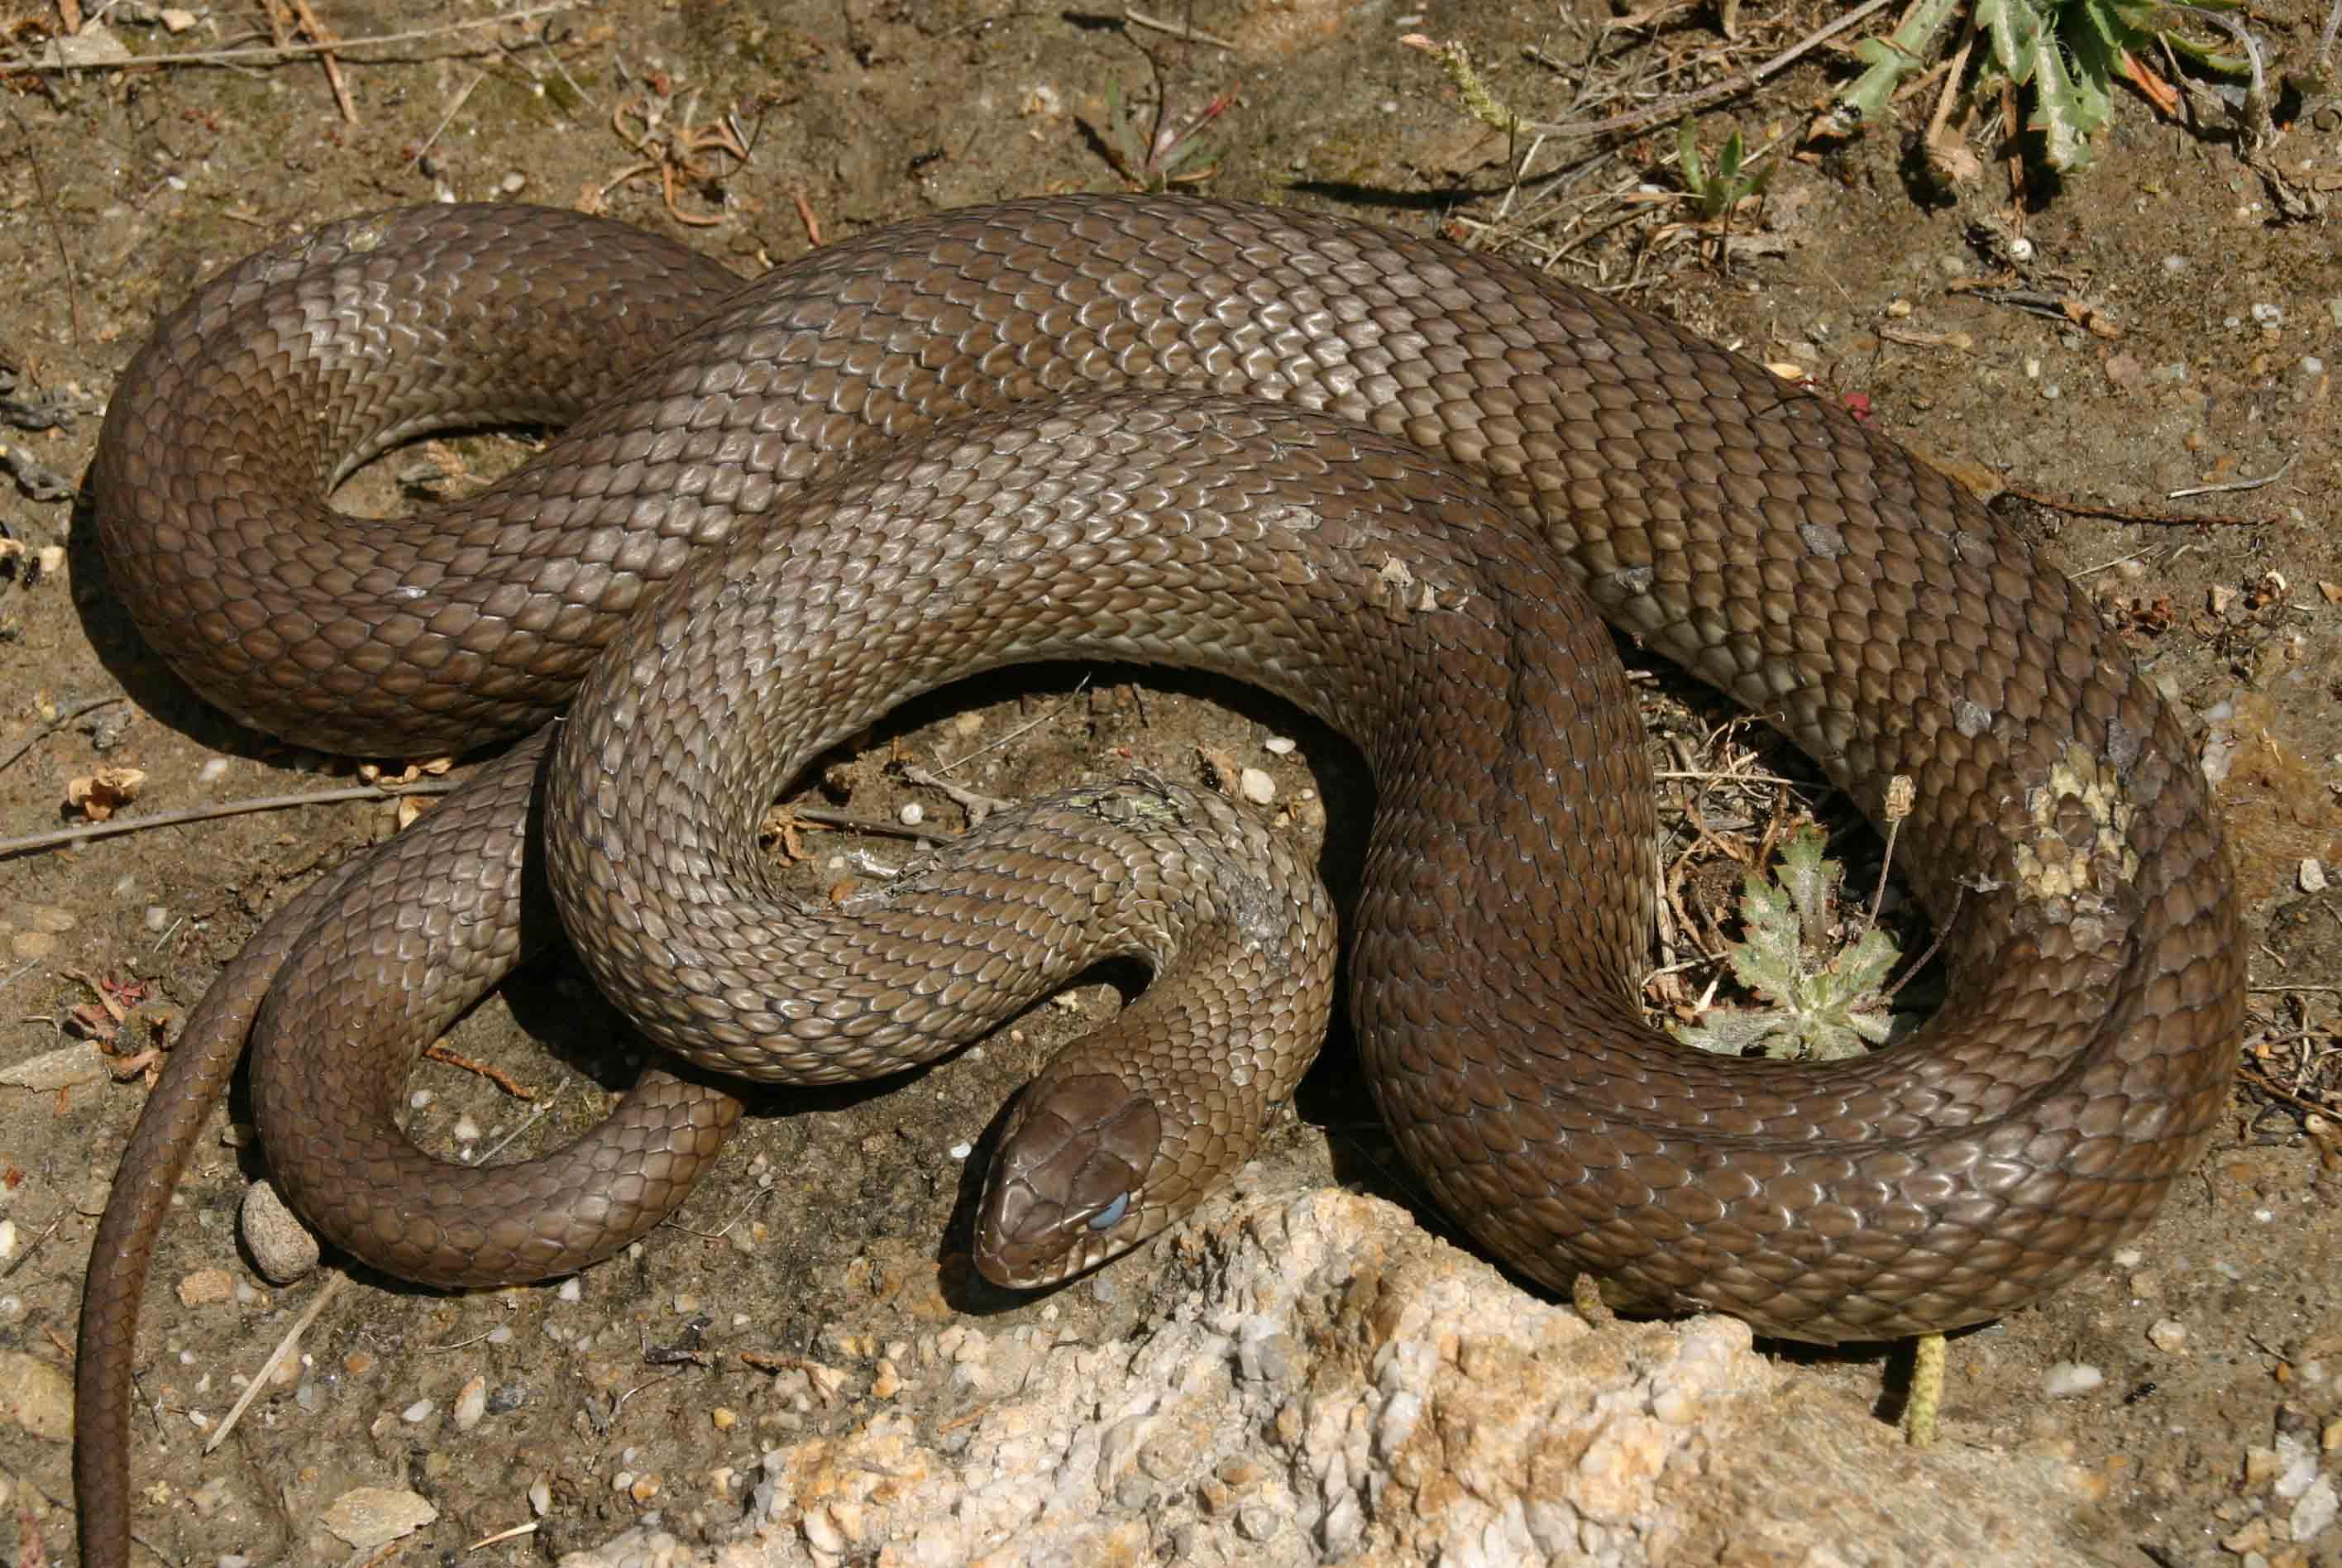 Large and fierce: Montpellier snake (Malpolon monspessulanus)